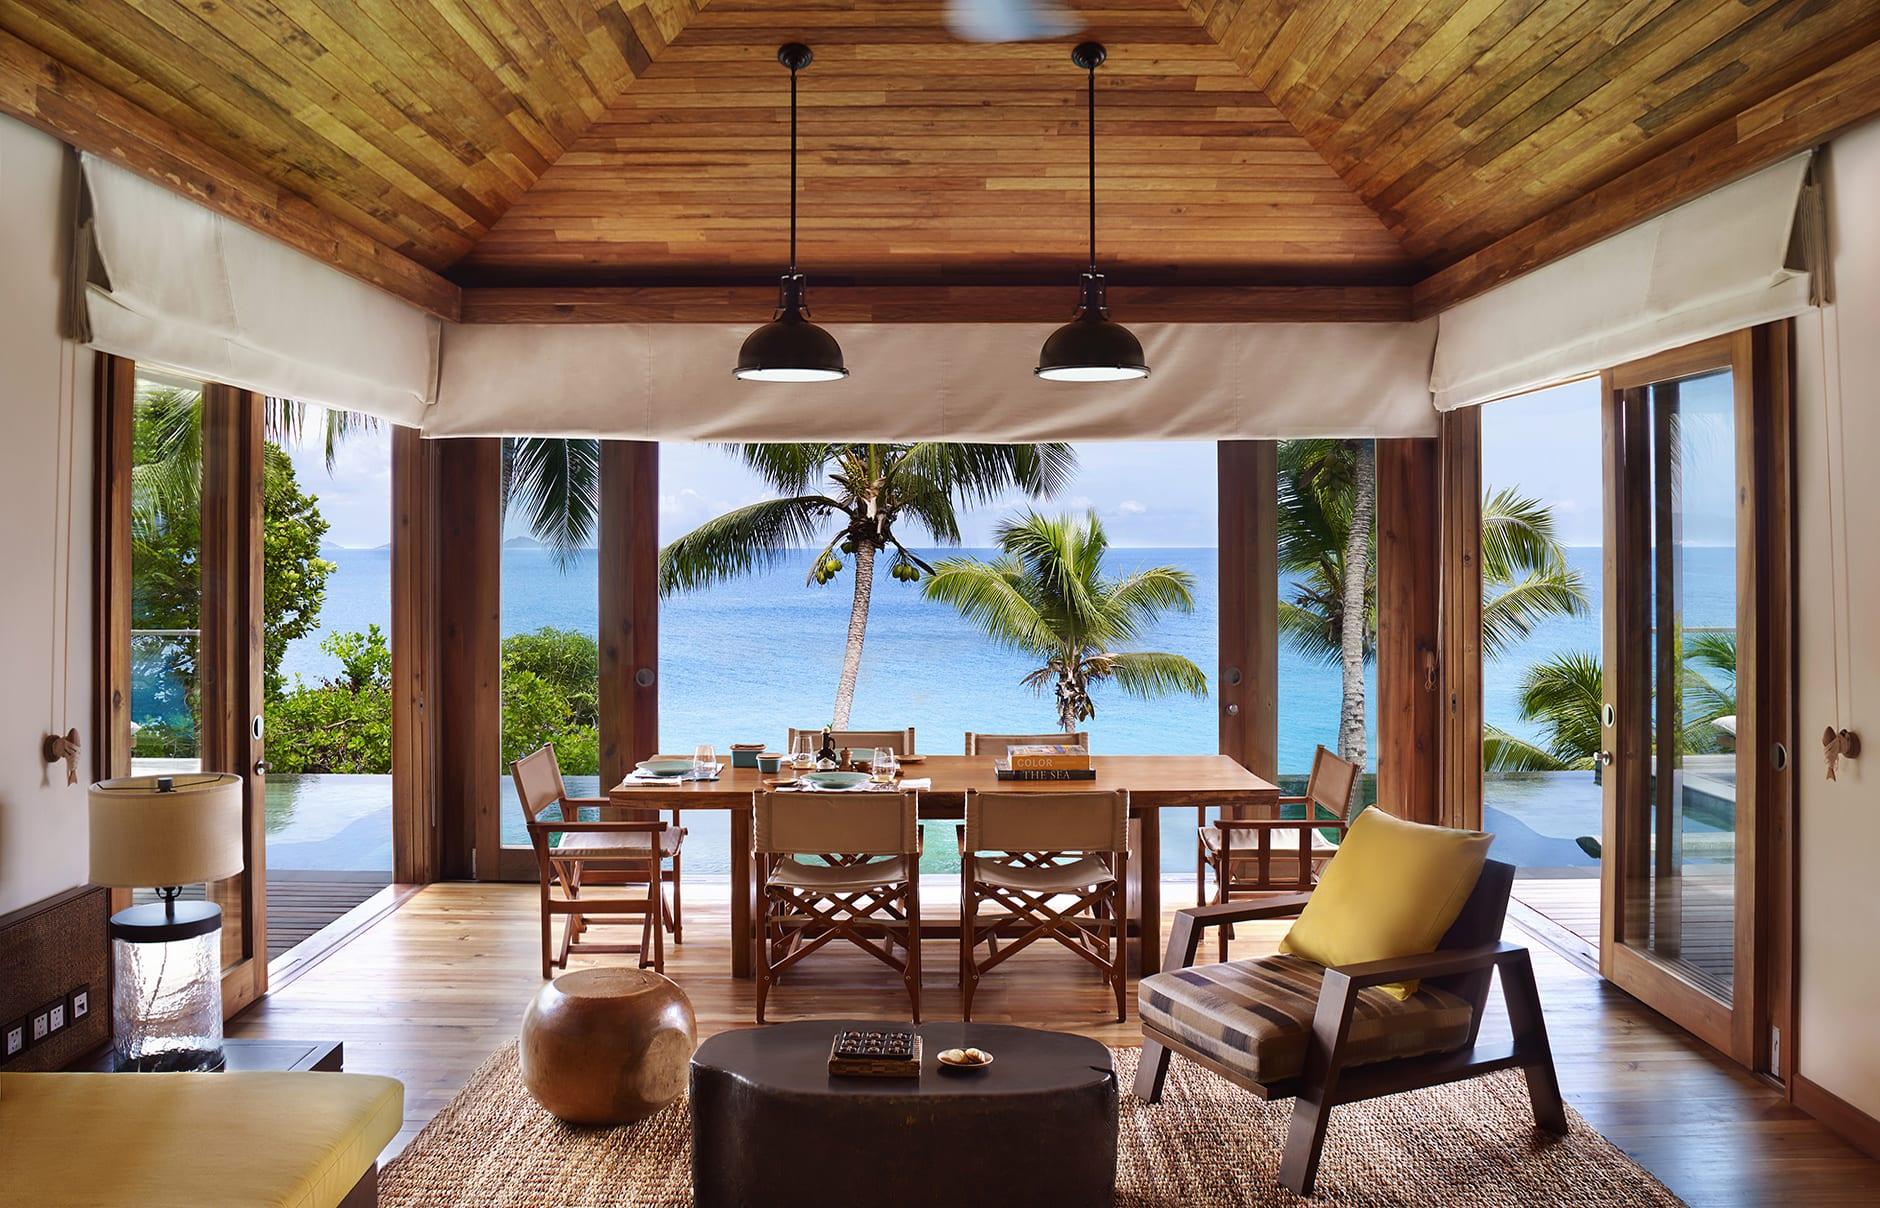 Six Senses Zil Pasyon, Seychelles. © Six Senses Hotels Resorts Spas